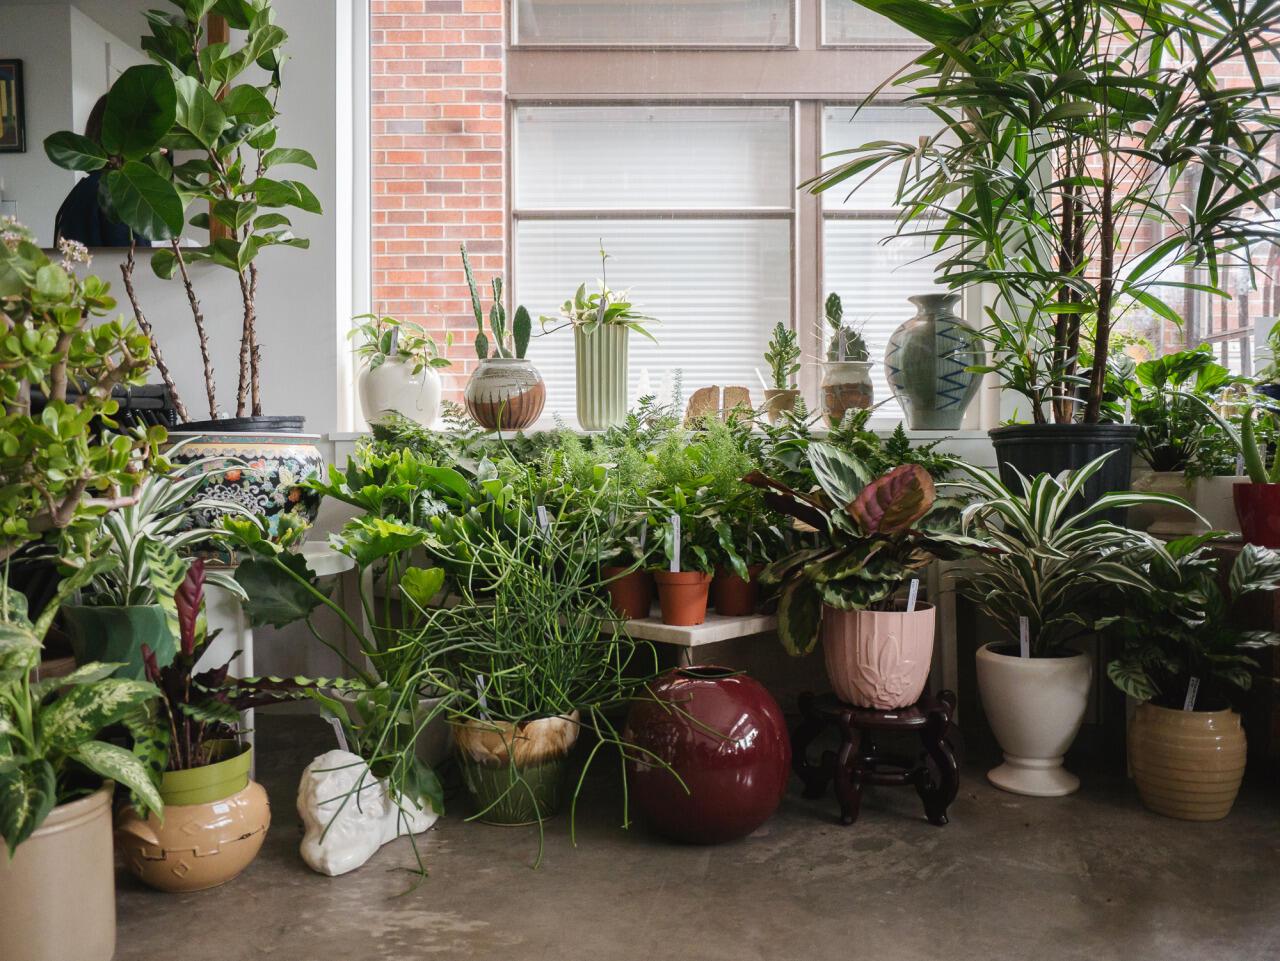 Izbových rastlín, ktoré čistia vzduch a zároveň sú krásne a dekoratívne, máte na výber veľa